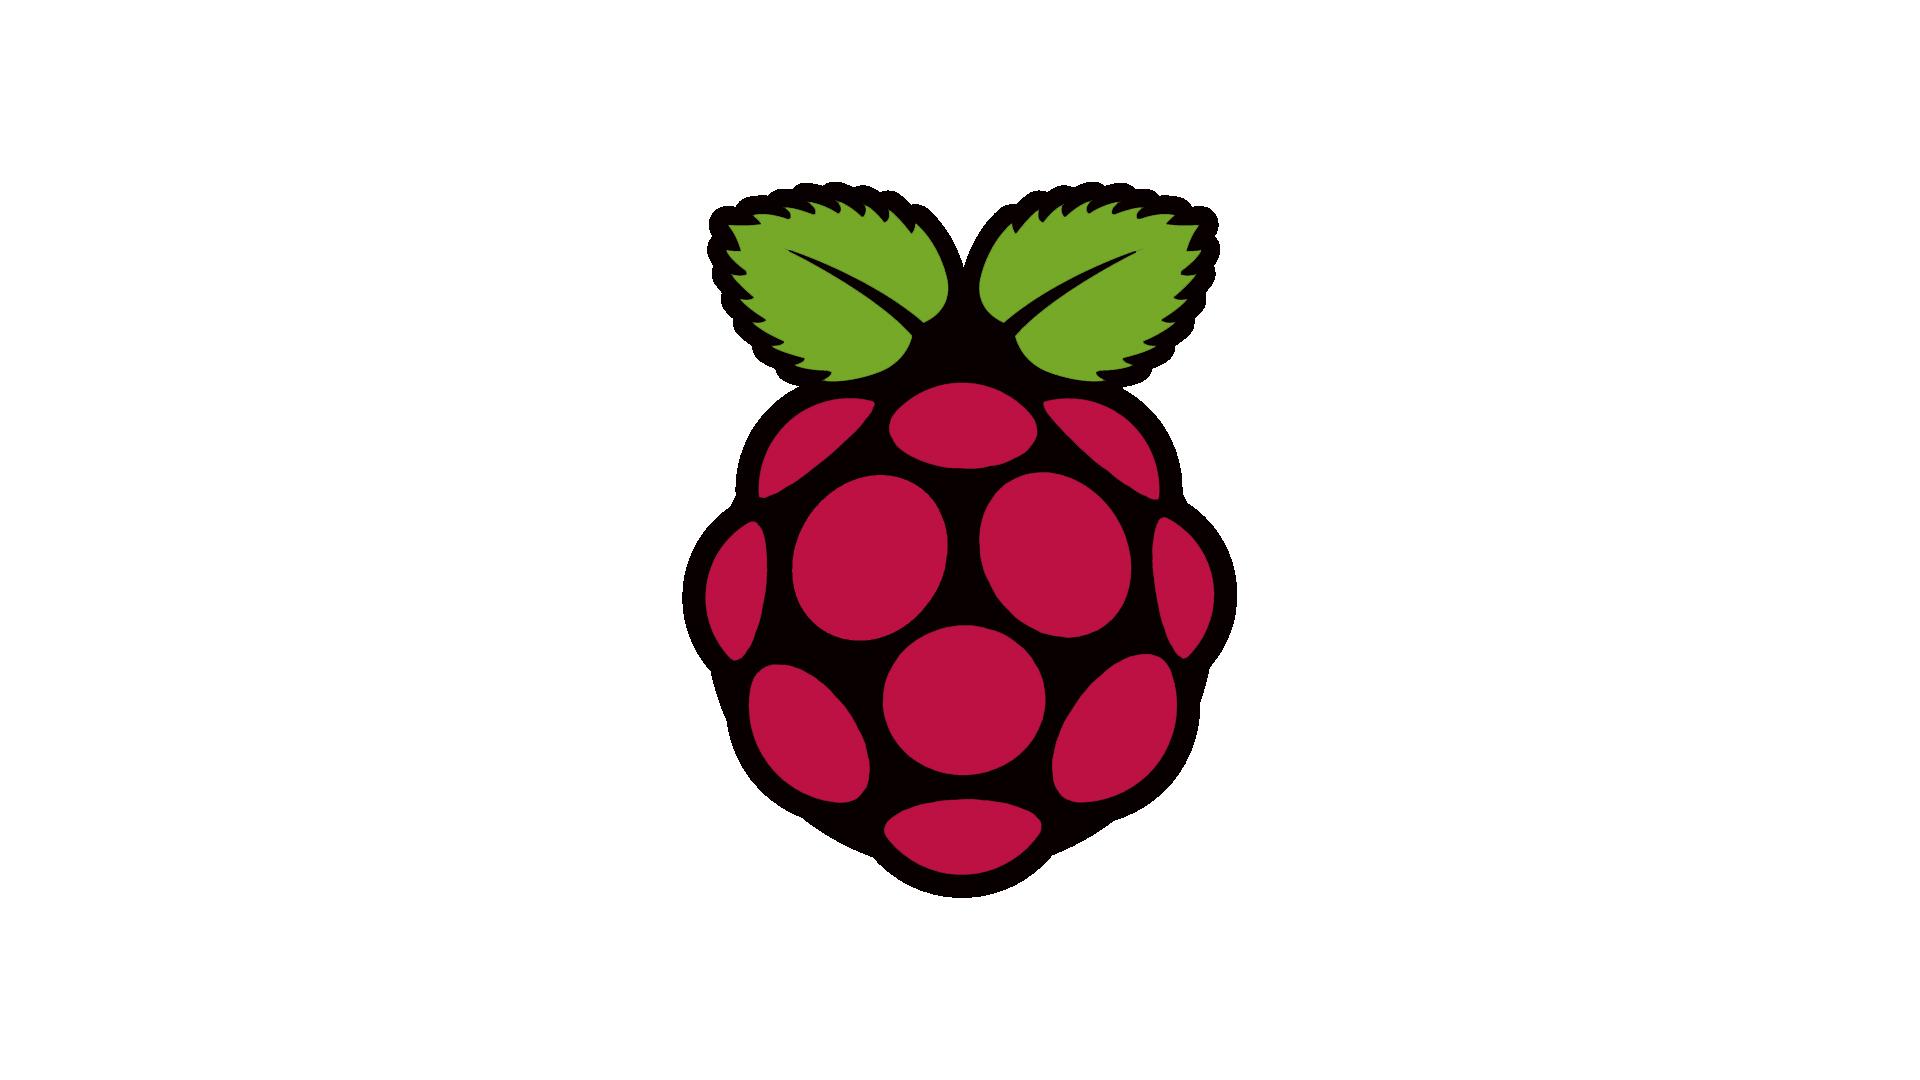 debos/overlays/lxde-pi/home/pi/.config/pcmanfm/LXDE/pi_white.jpg